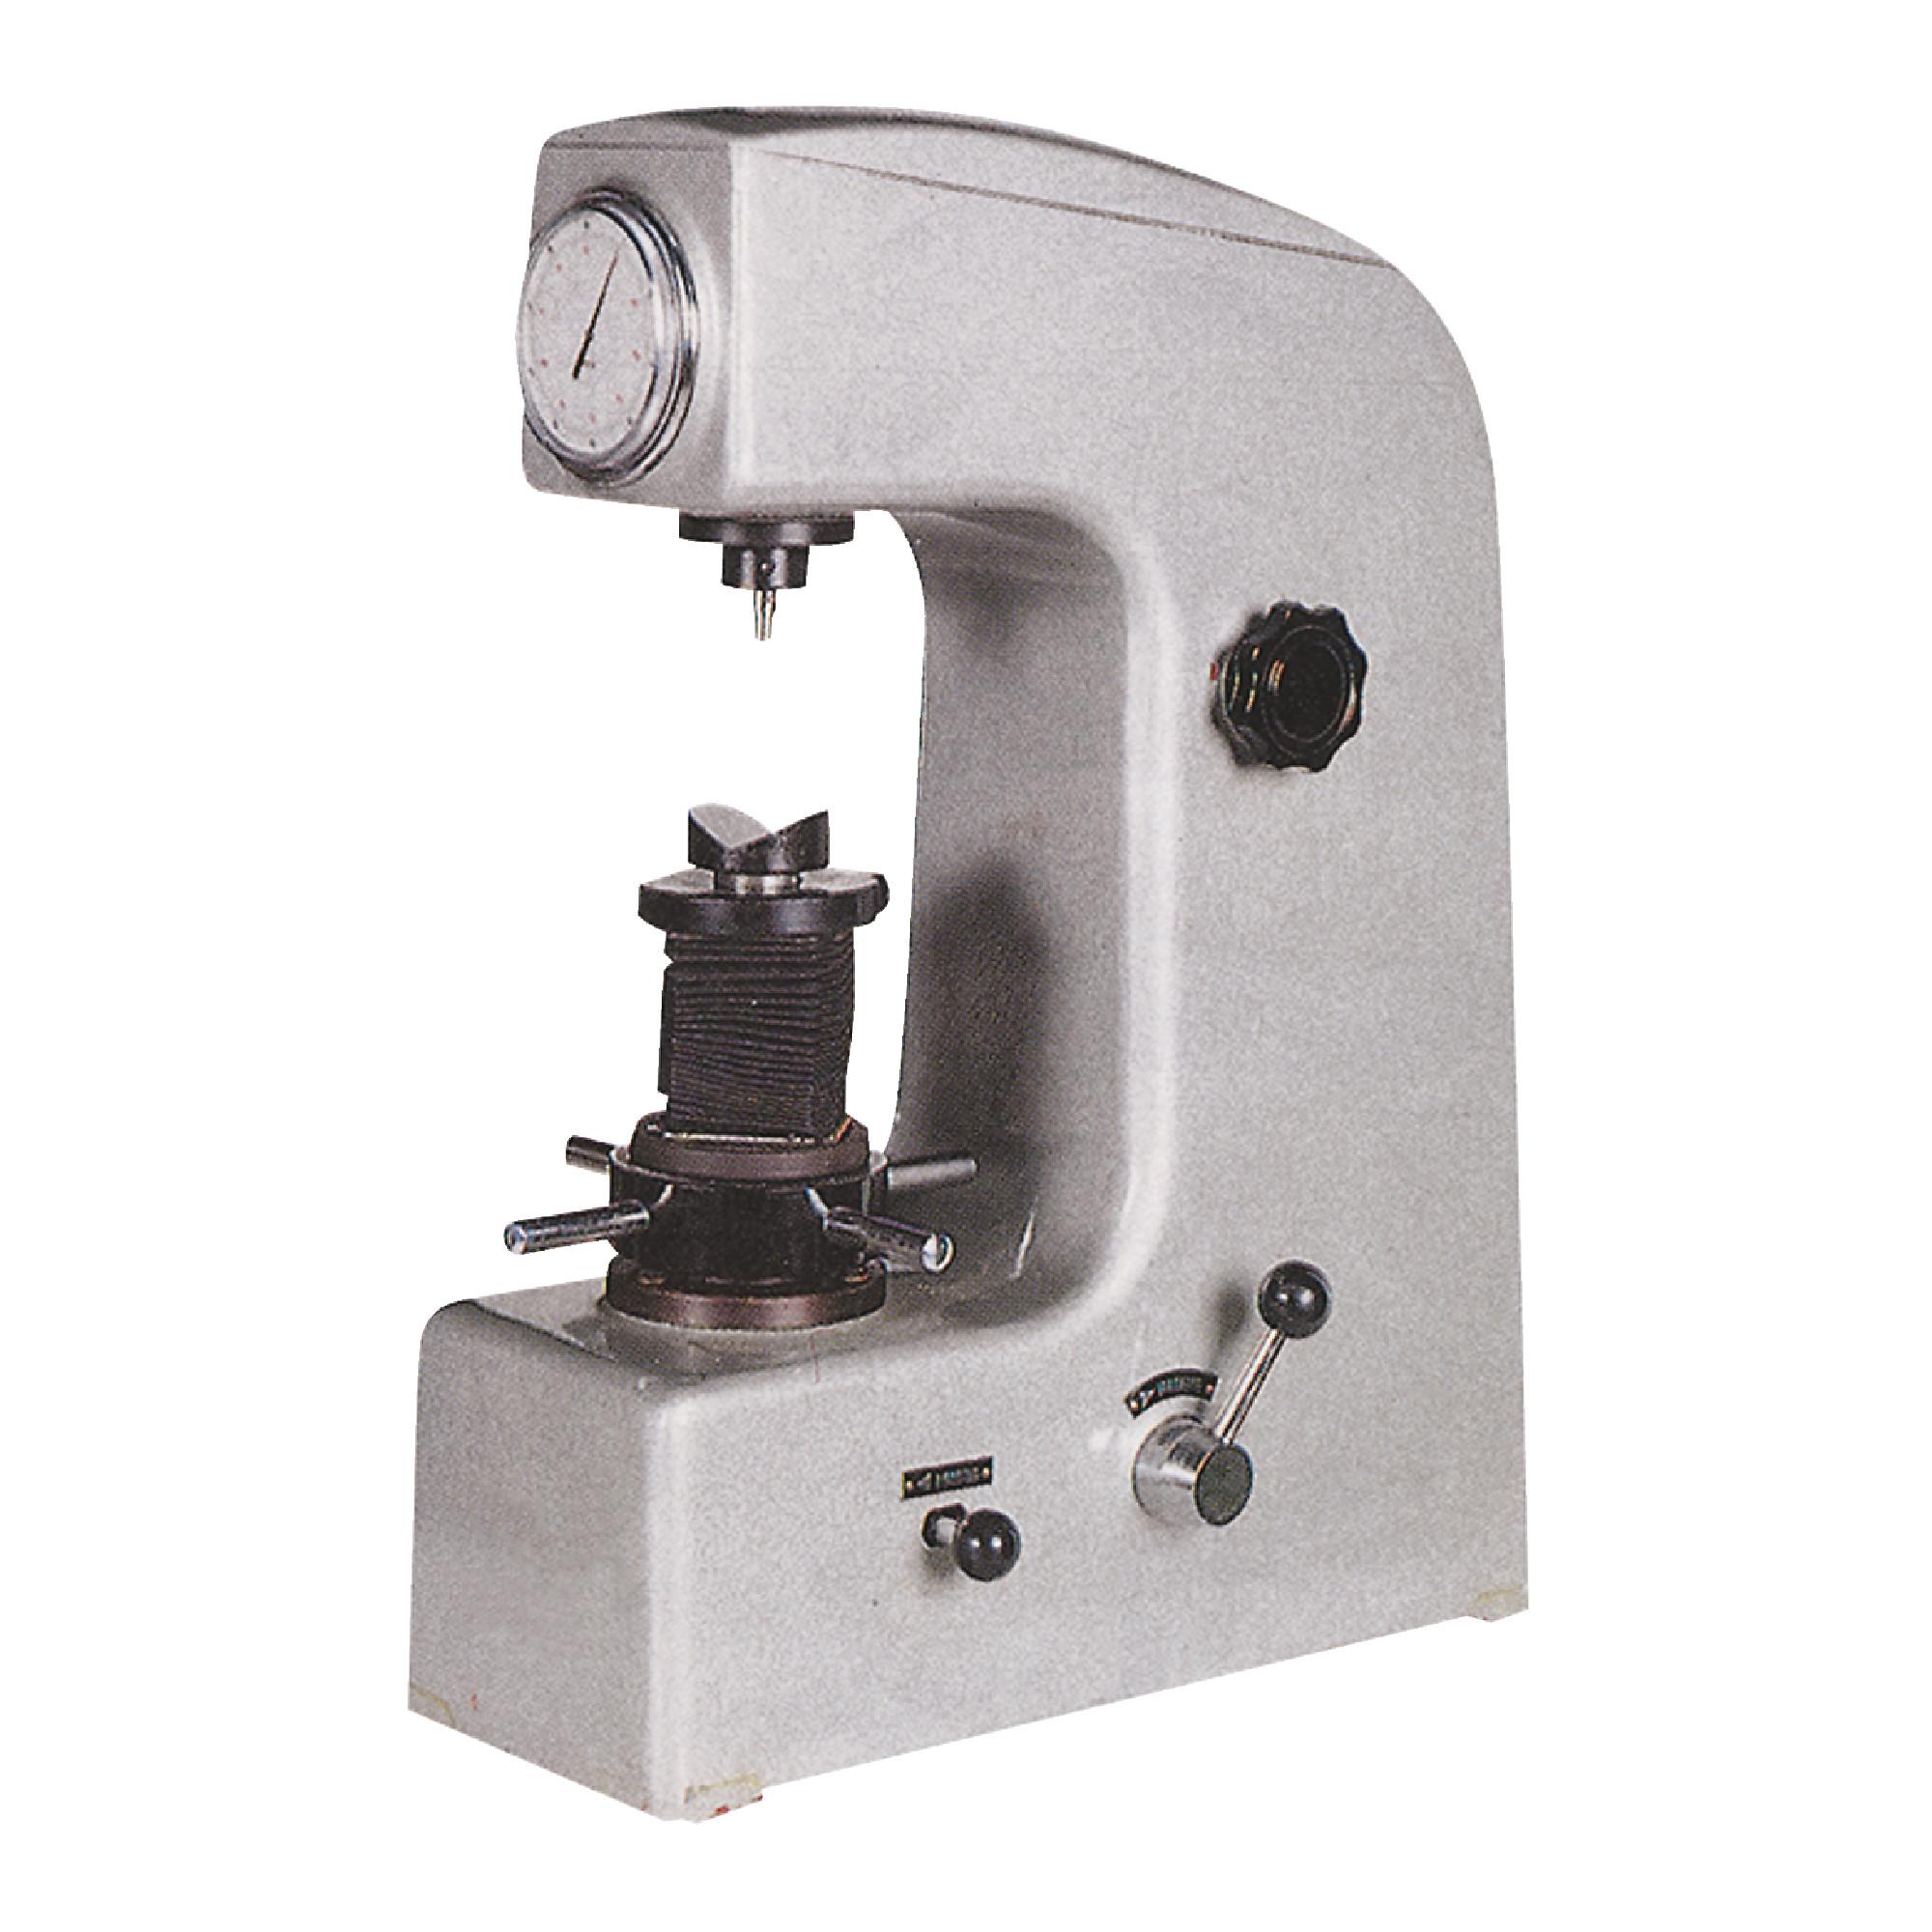 3R-Type Hardness Tester